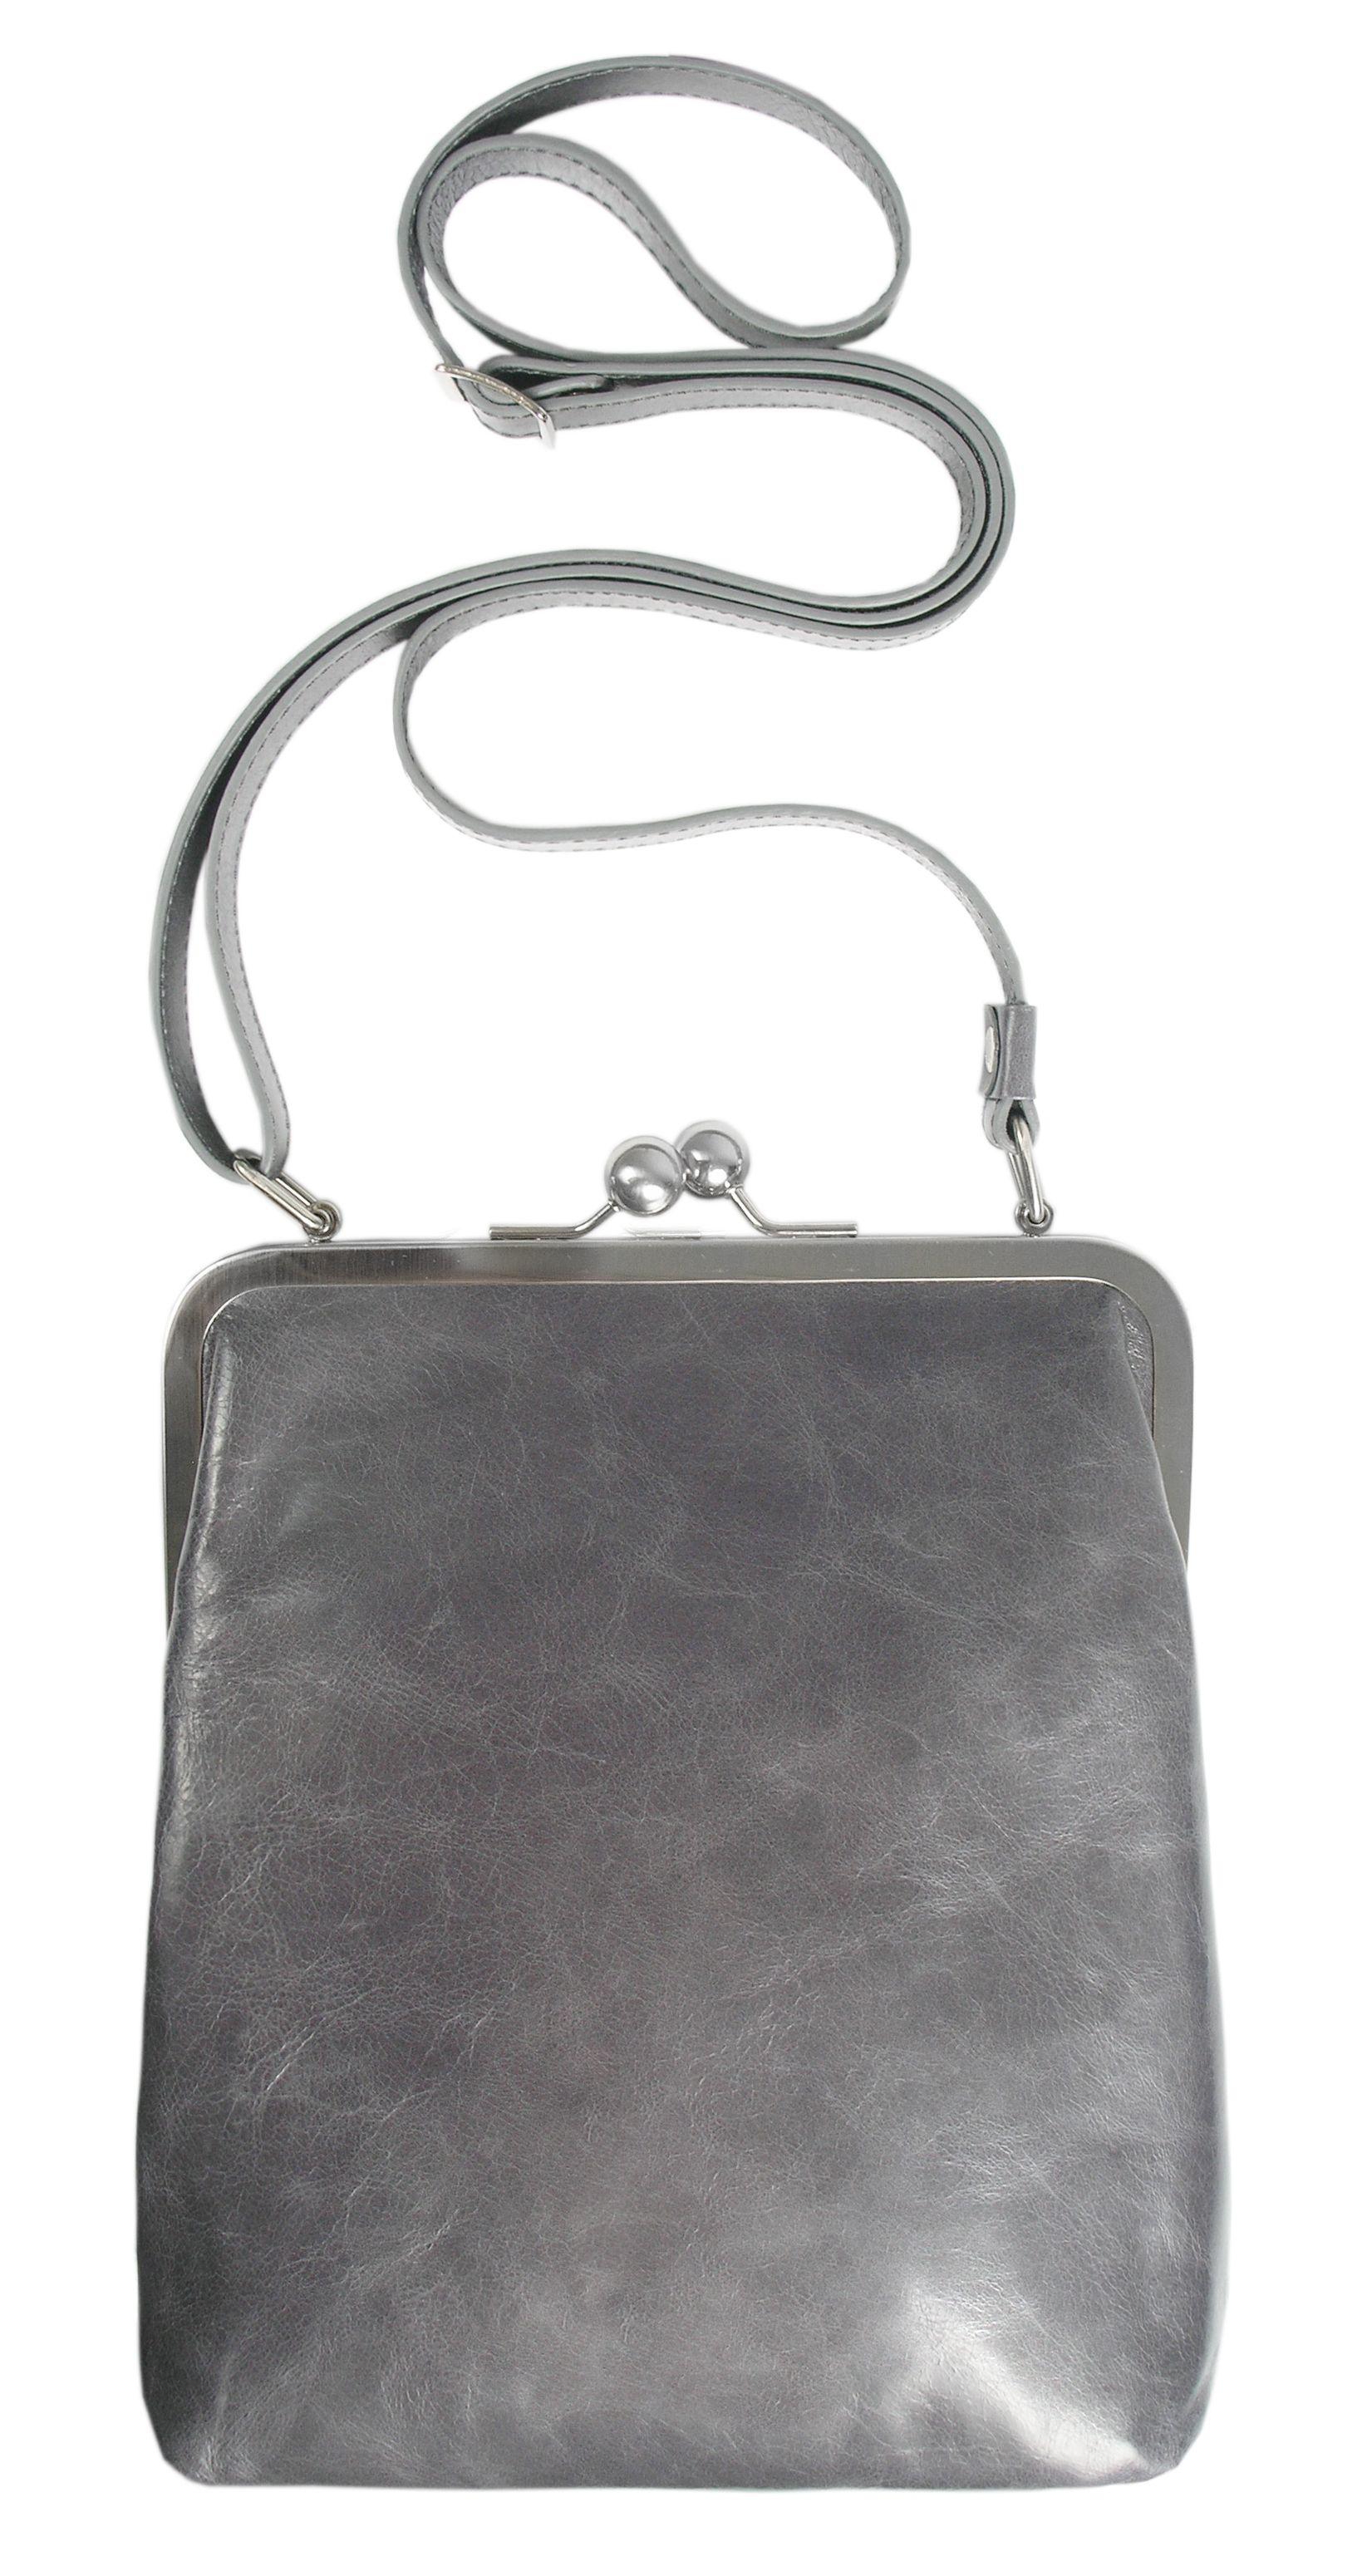 BT2 LOLA vintage granit kleine Ledertasche mit Riemen grau leather ...